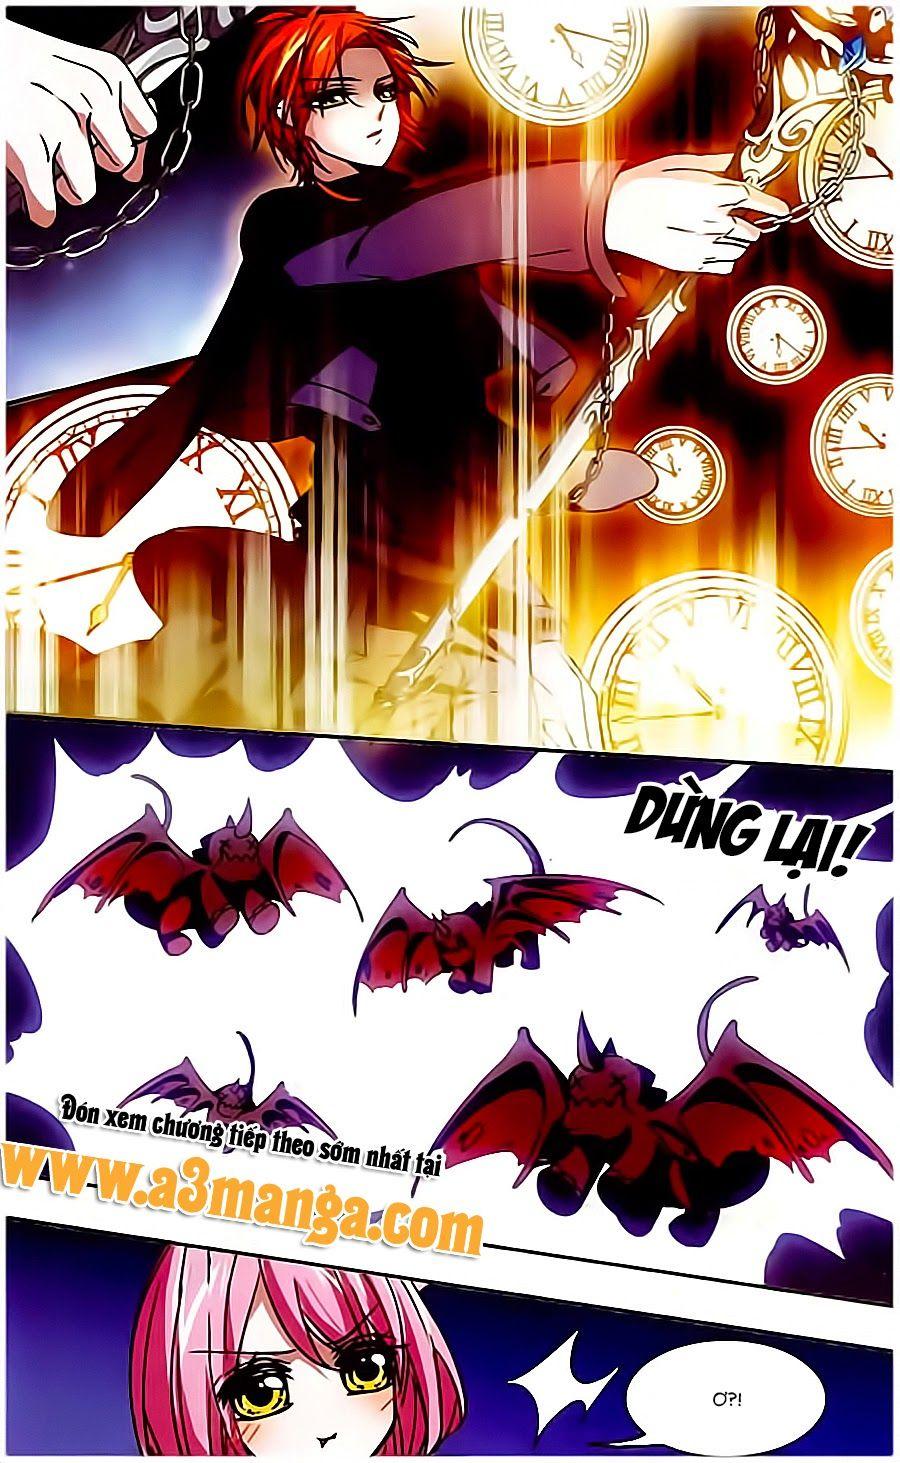 a3manga.com huyết tộc cấm vực chap 38